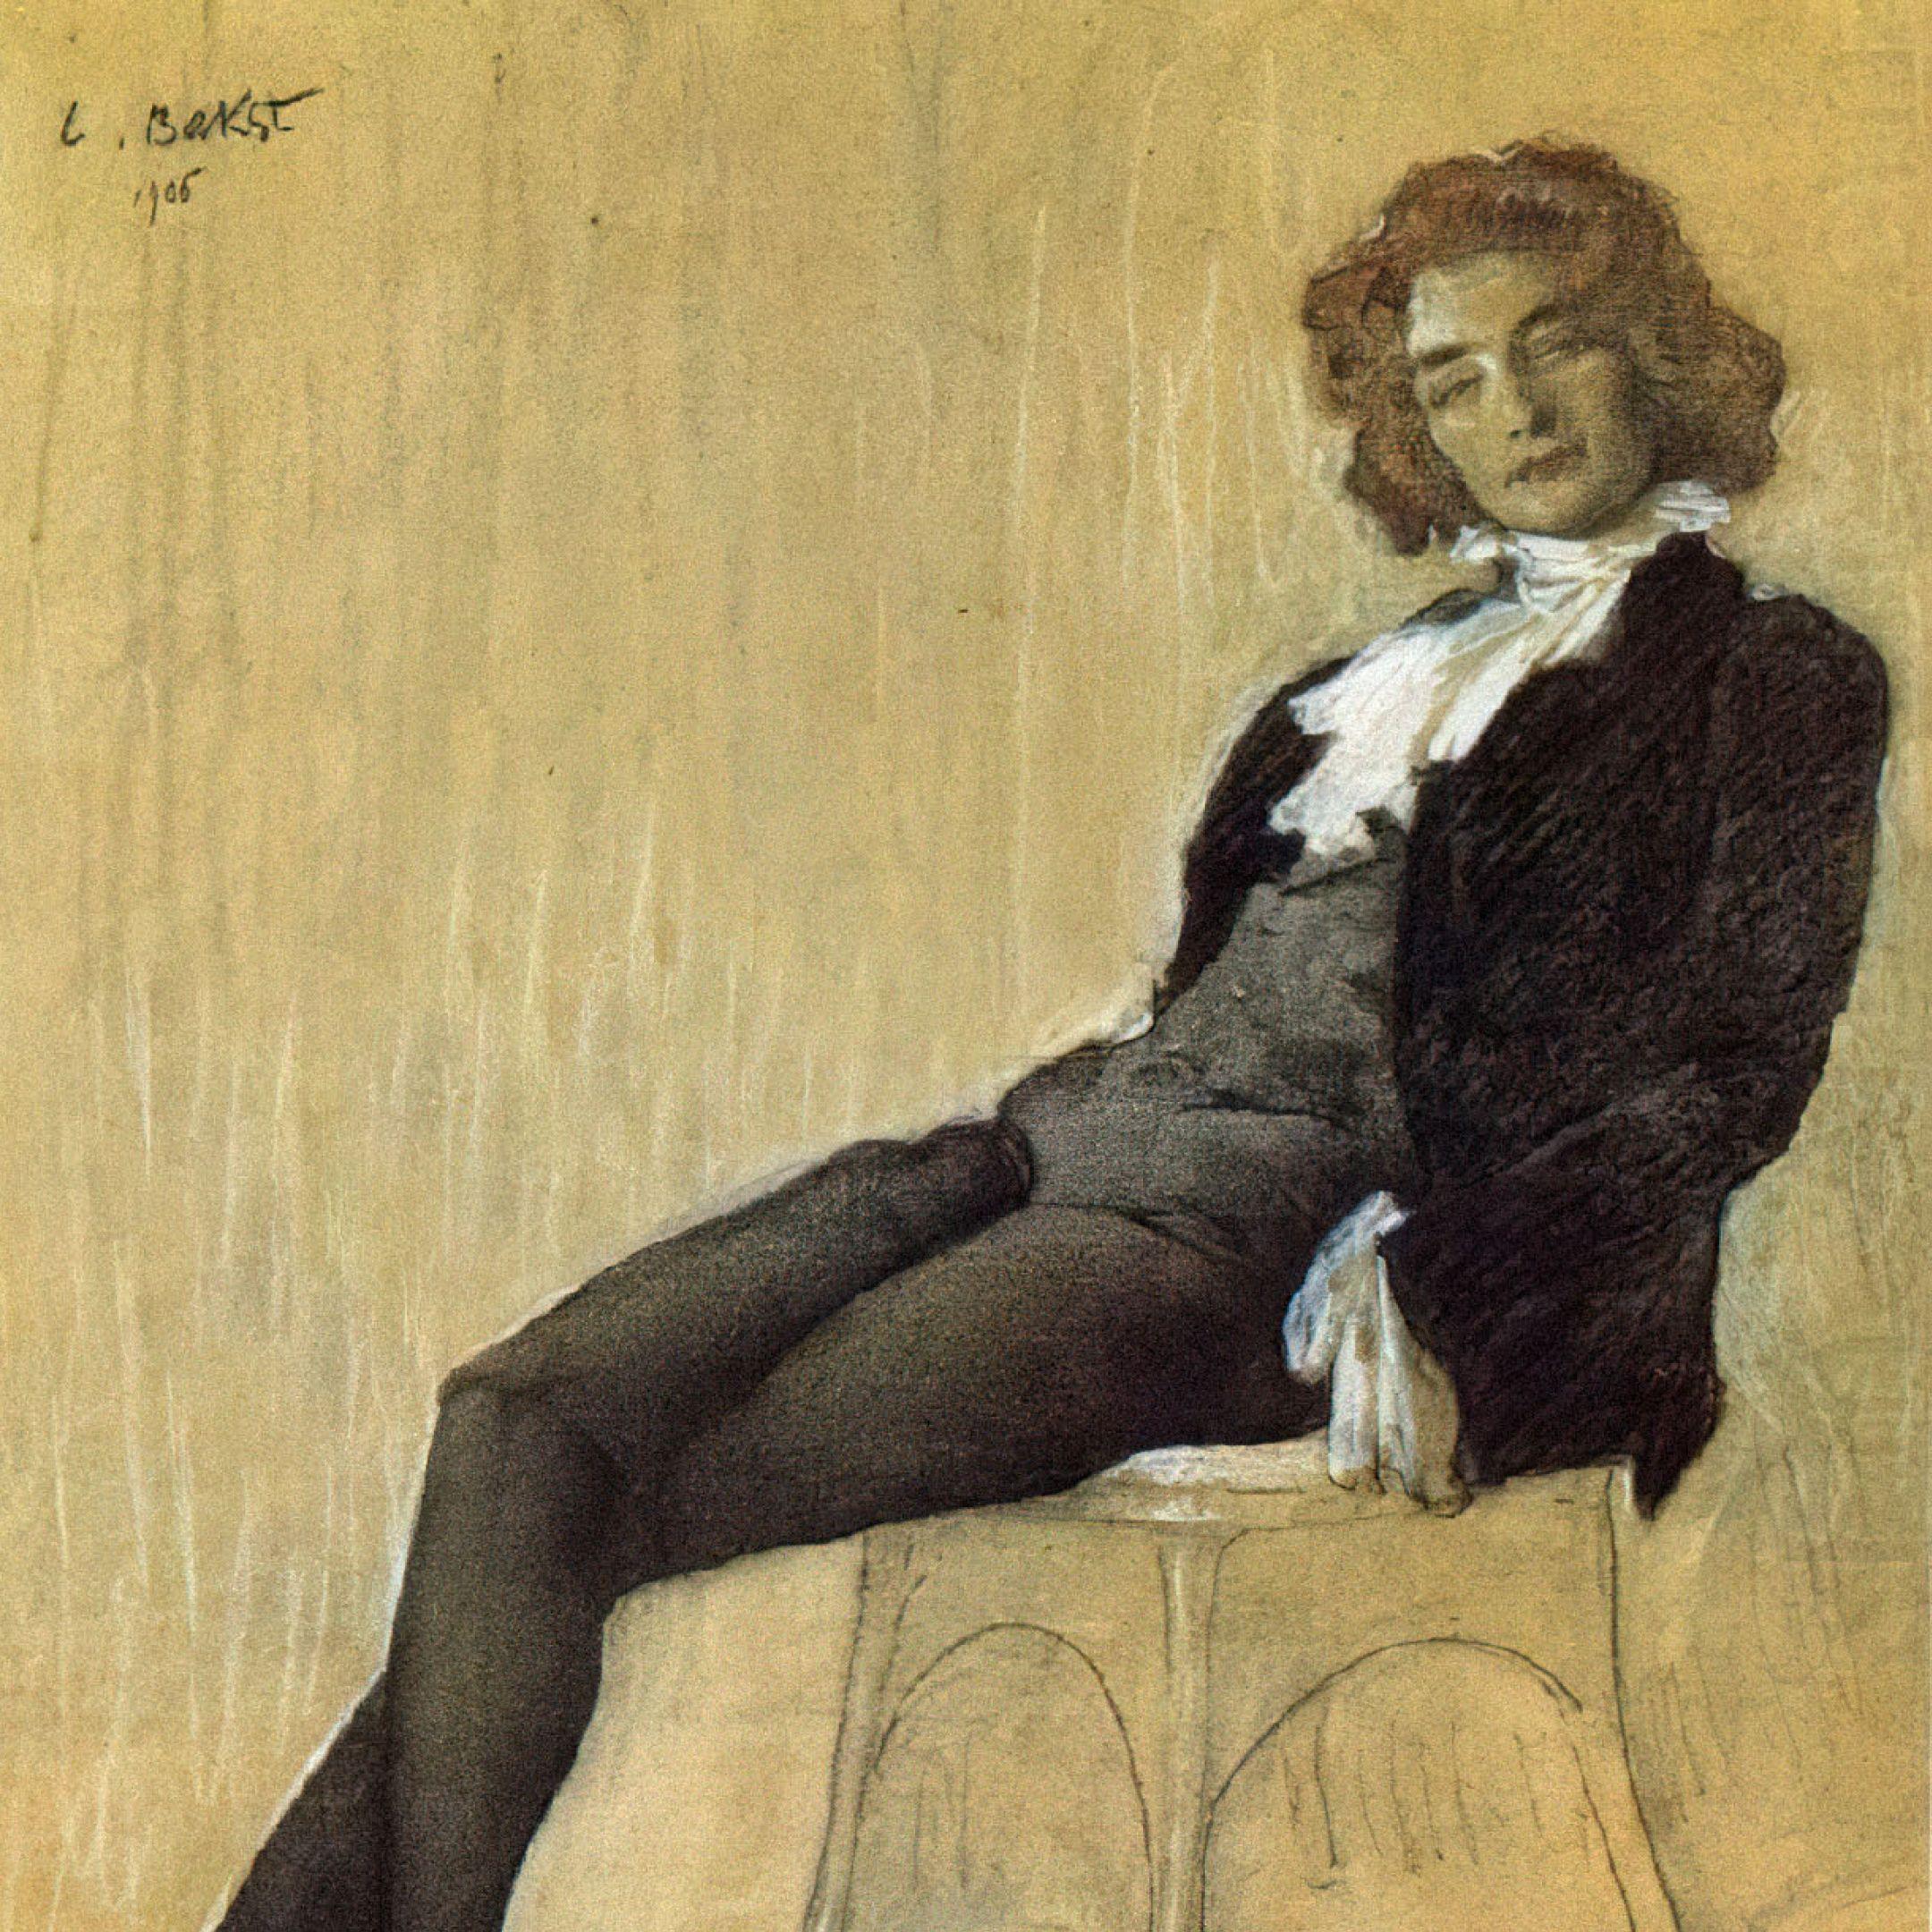 Портрет Зинаиды Гиппиус, которая сознательно использовала мужские псевдонимы. Художник Леон Бакст, 1906год